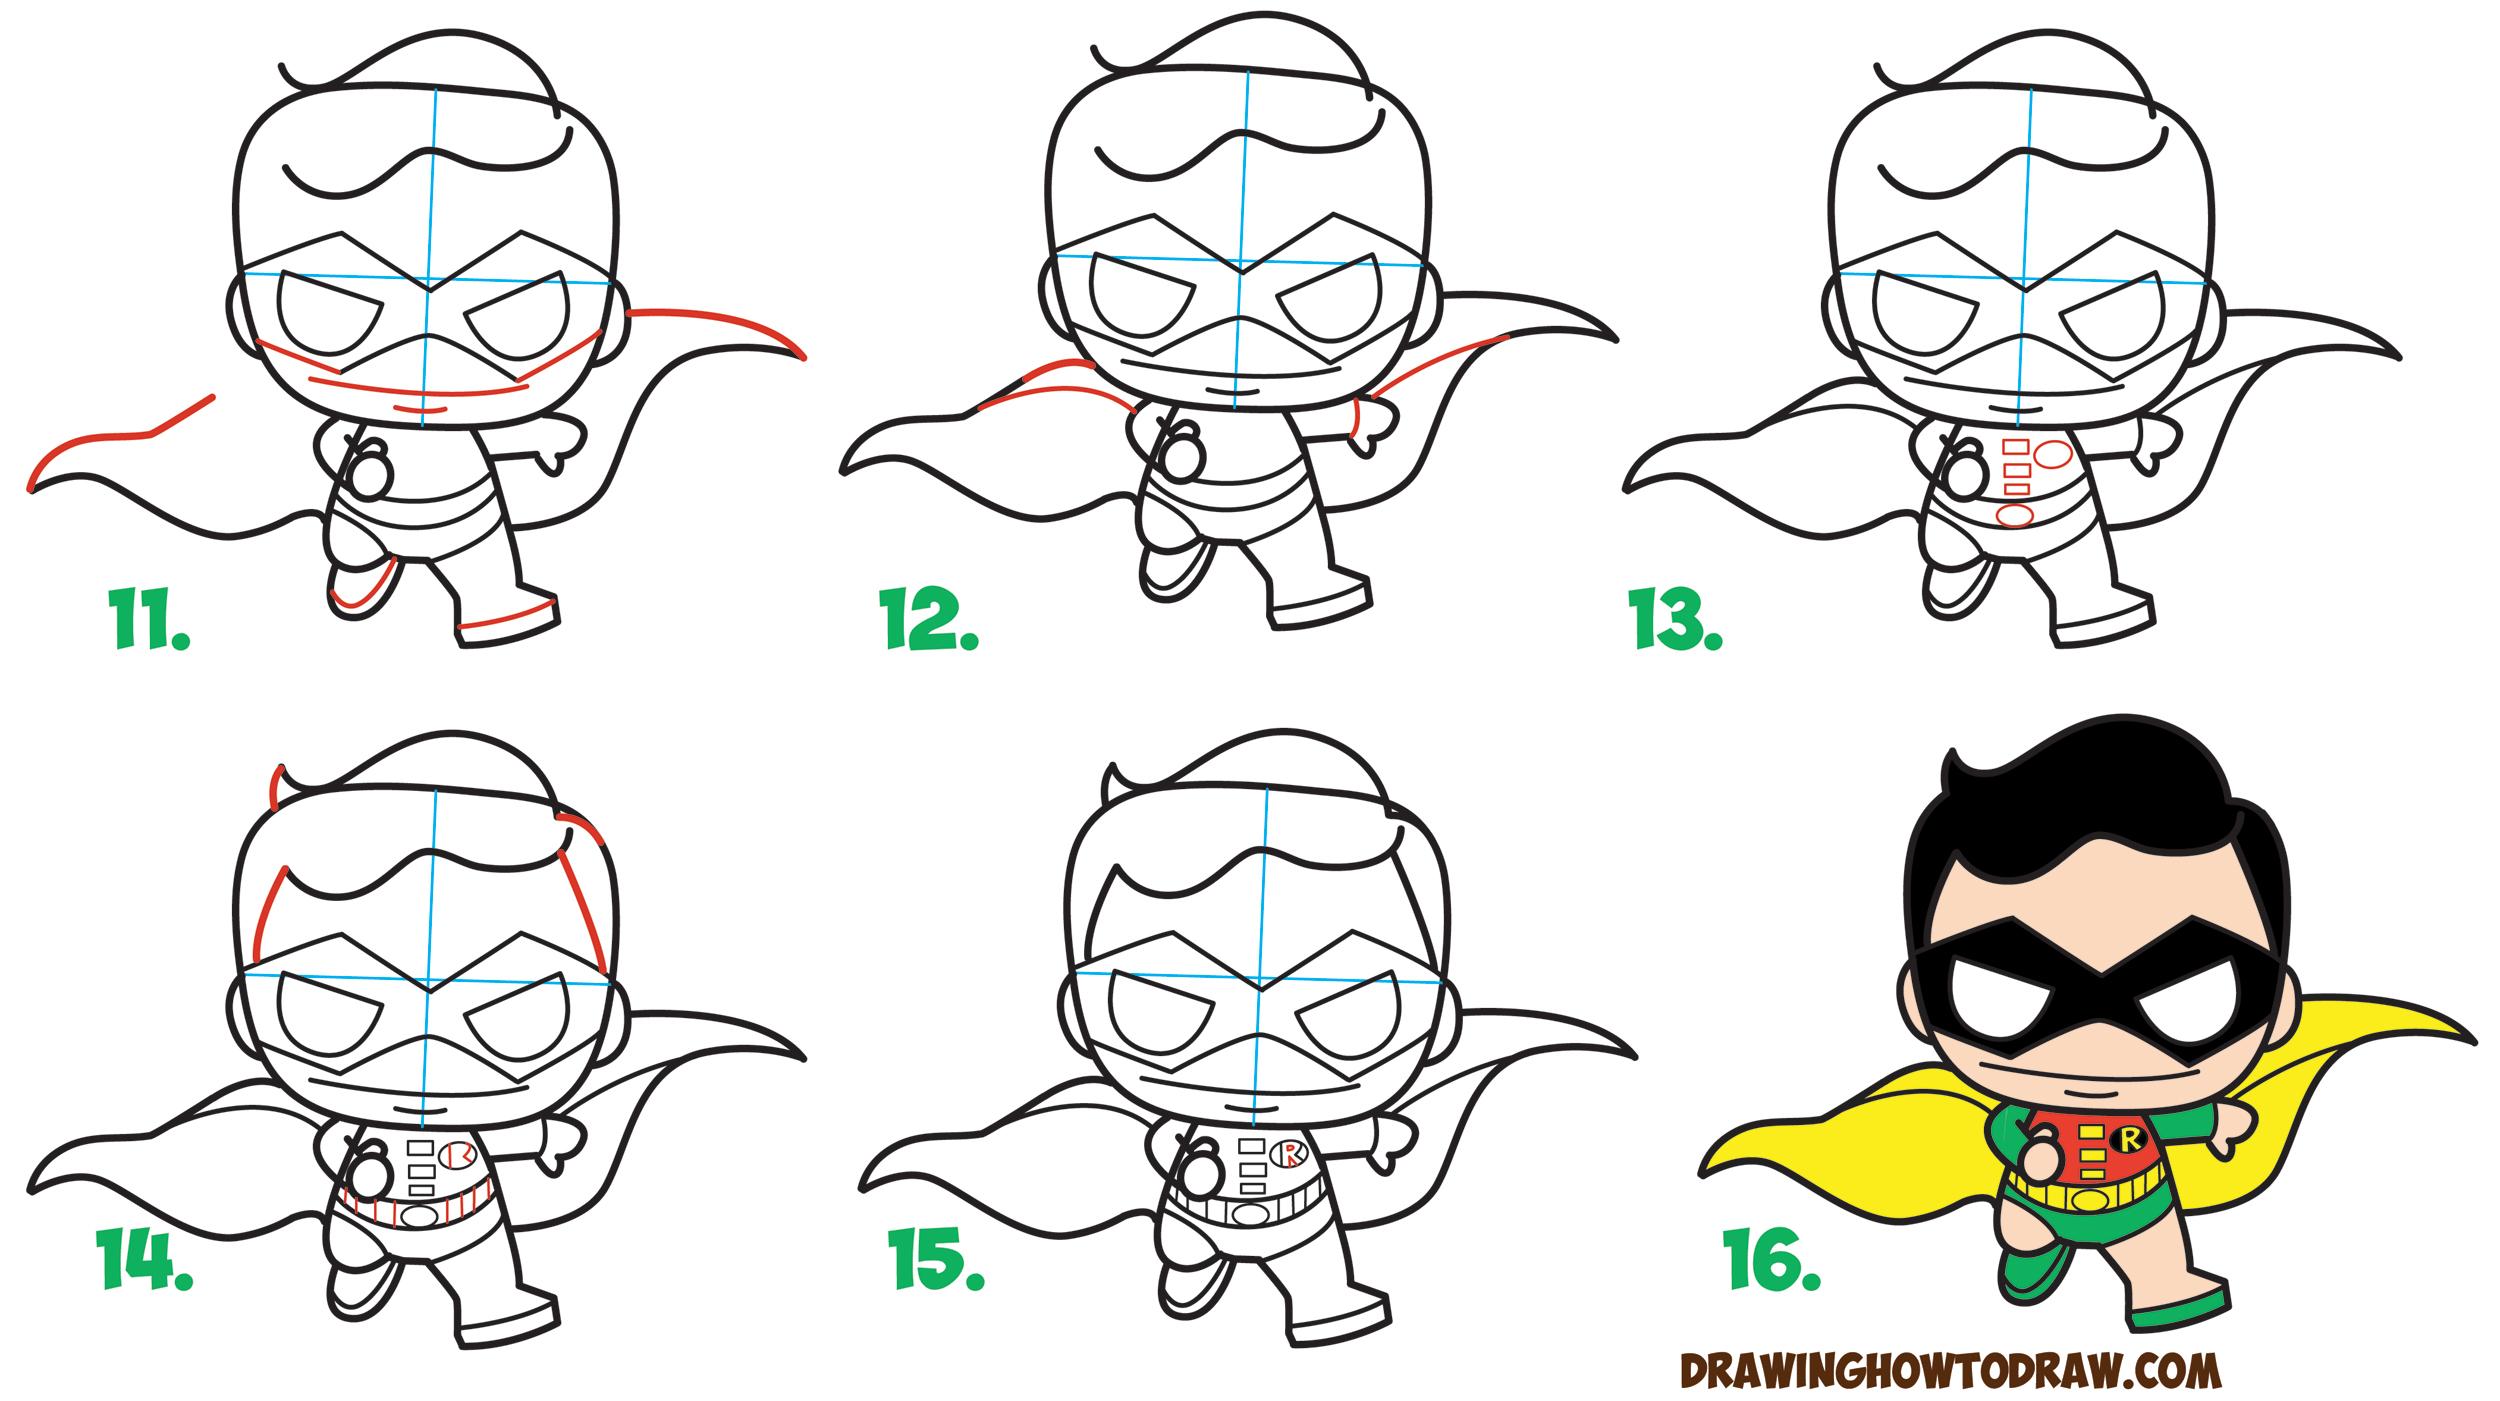 Drawn robin batman drawing / Comics' Comics' Draw Chibi